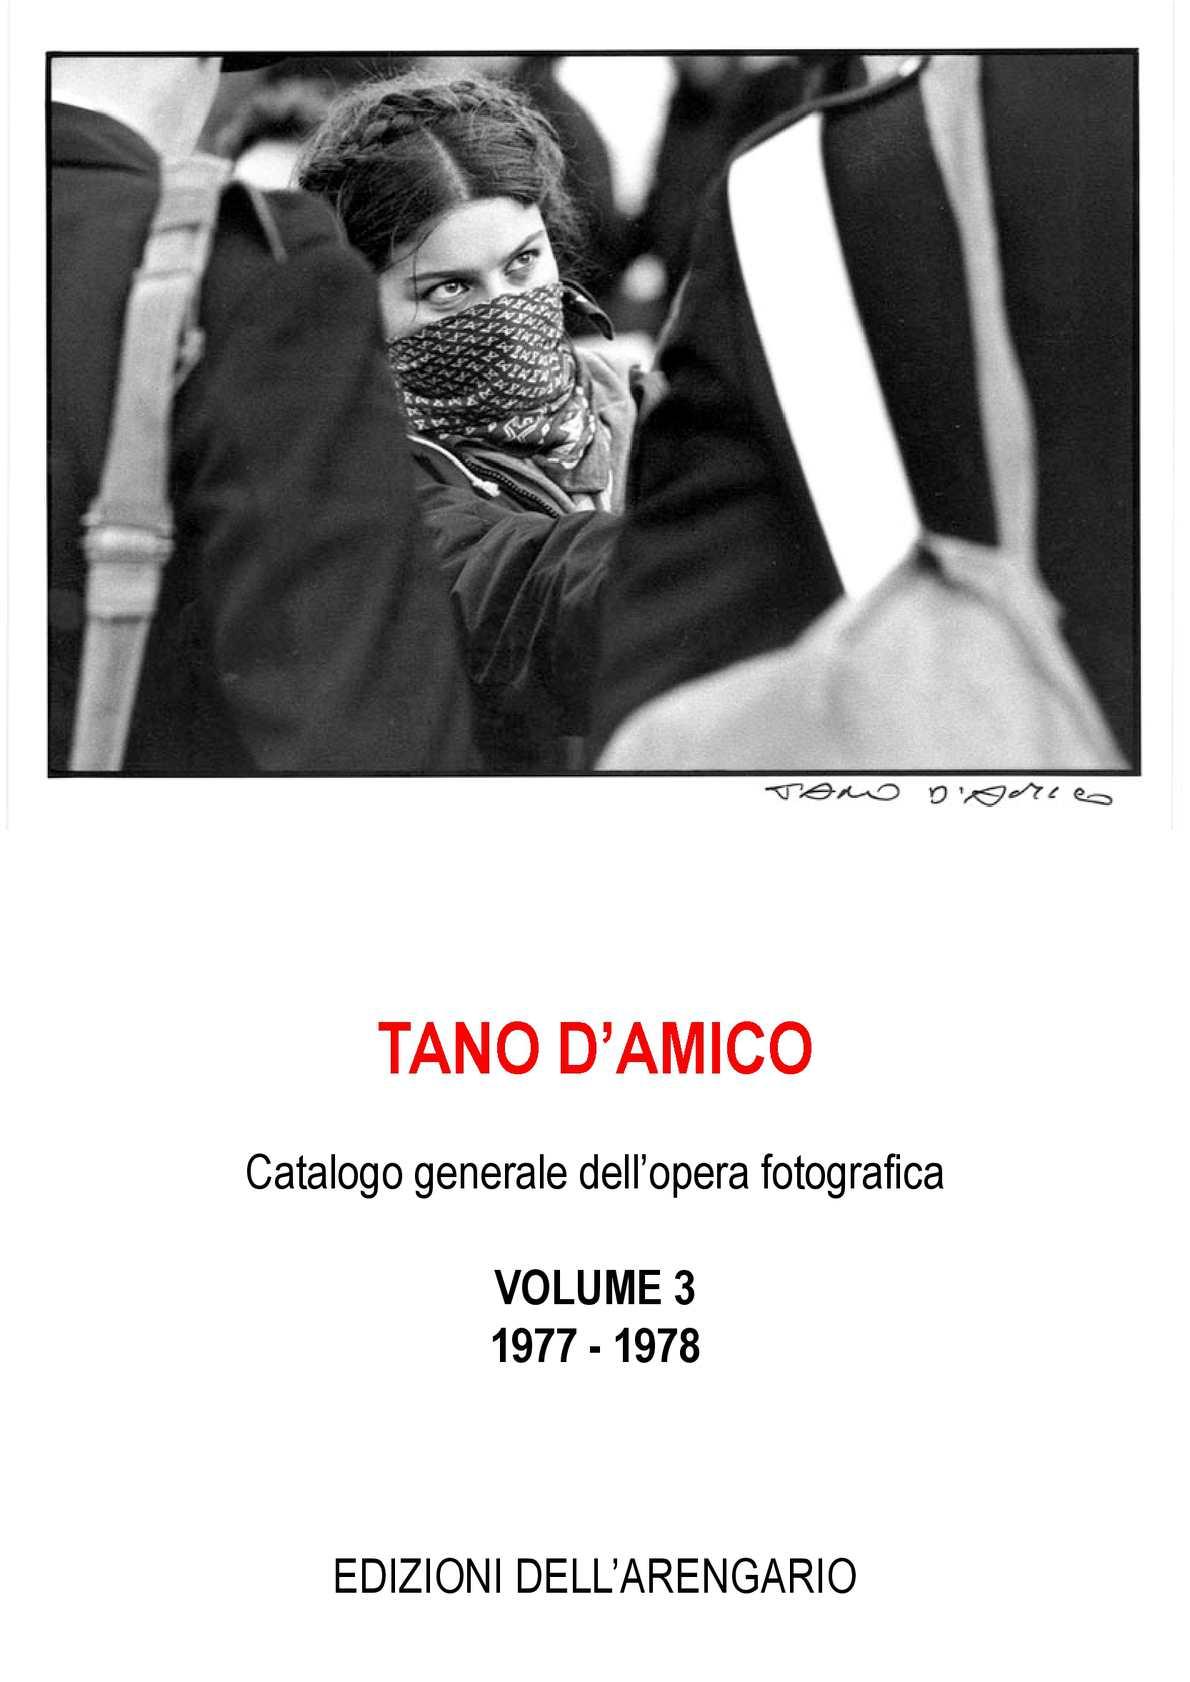 Catalogo 1977 1978